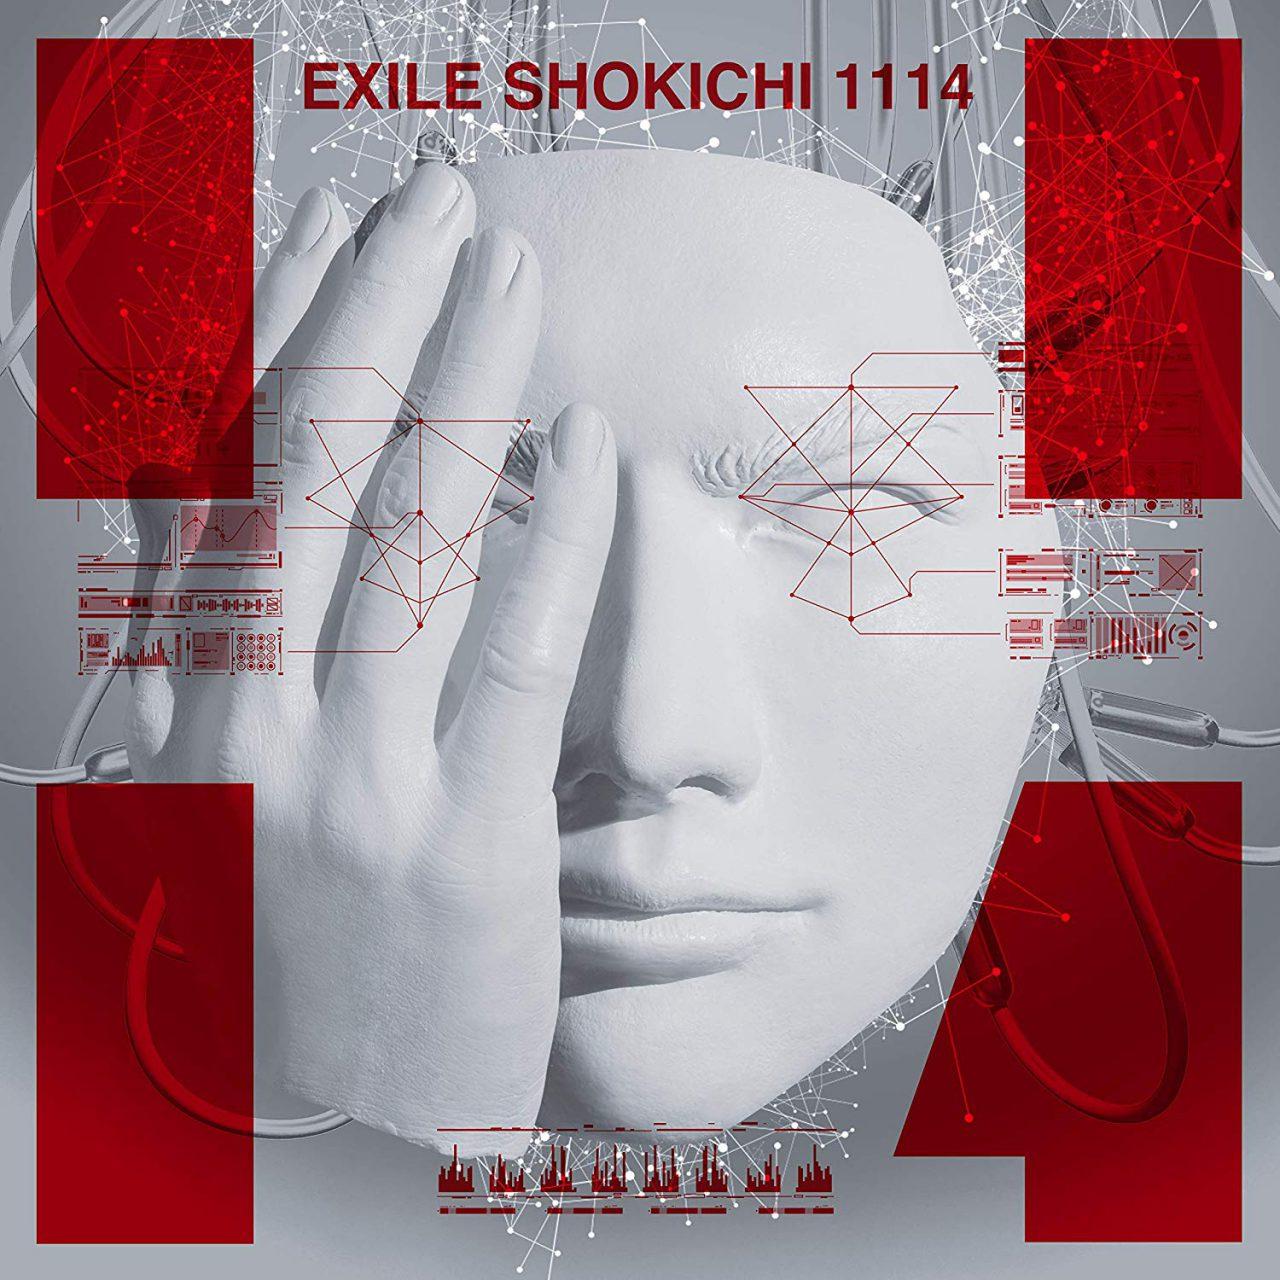 EXILE SHOKICHI 1114 CDJK